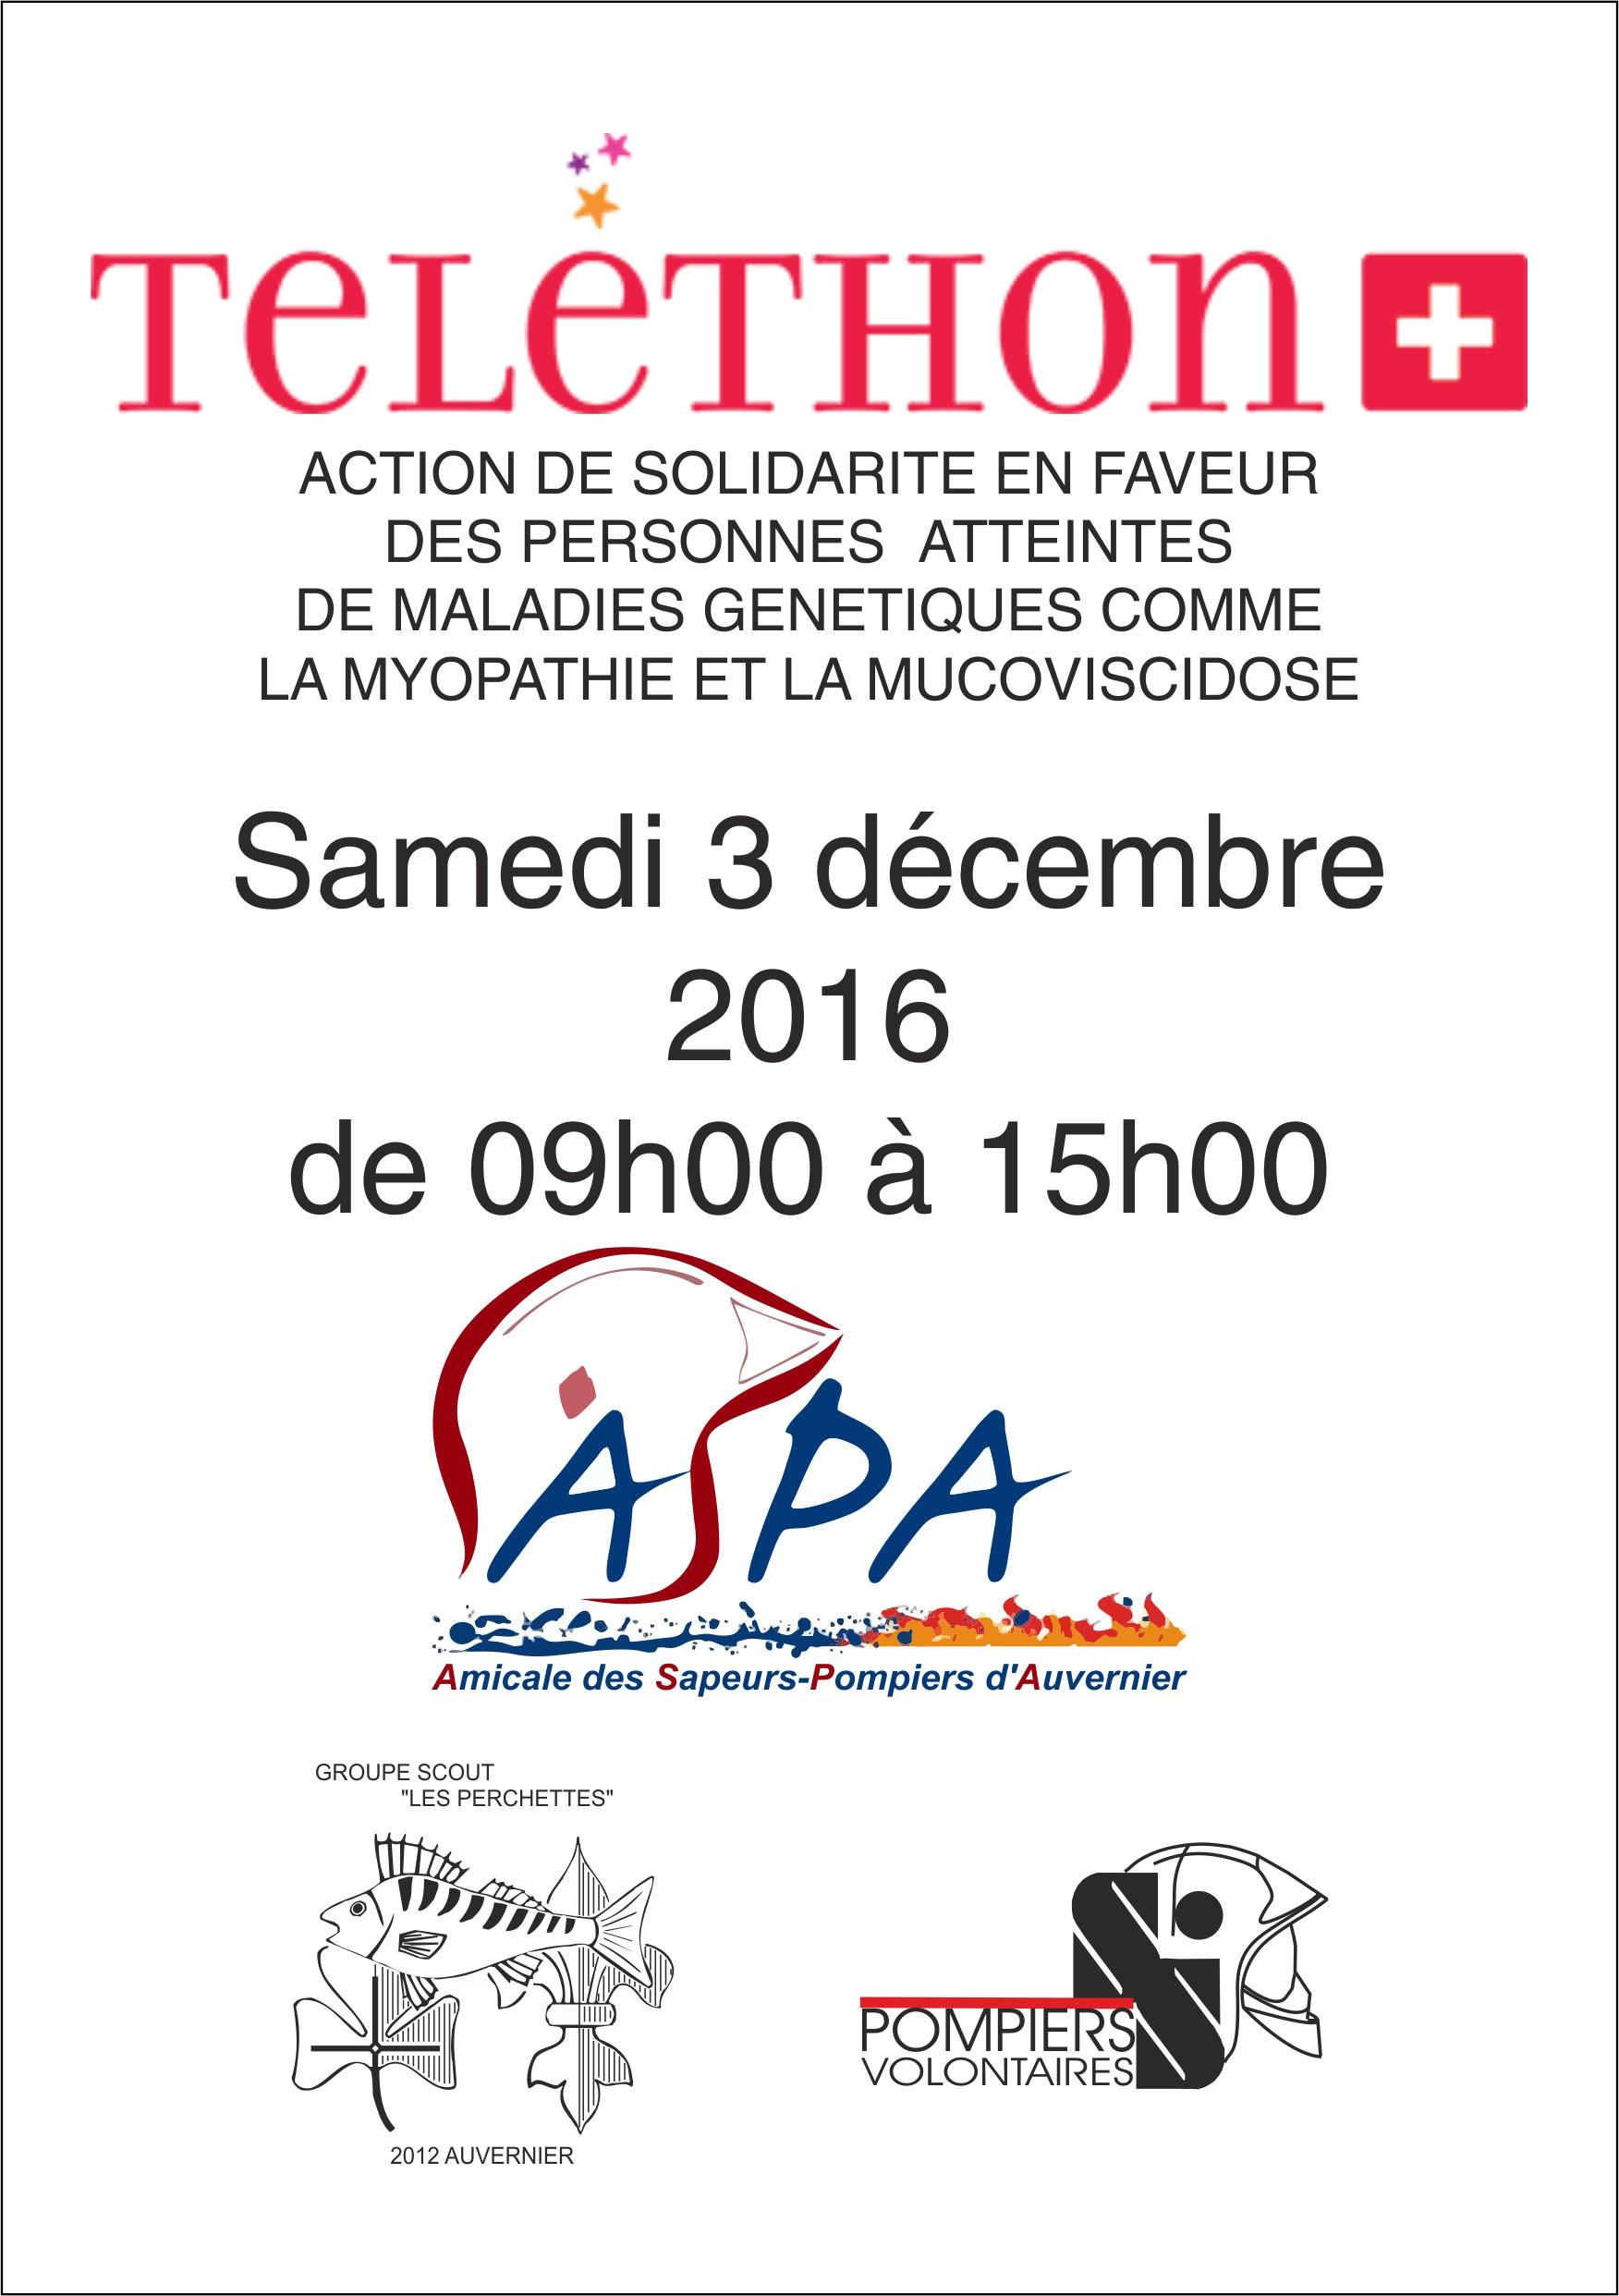 Flyer Téléthon 16 ASPA p0